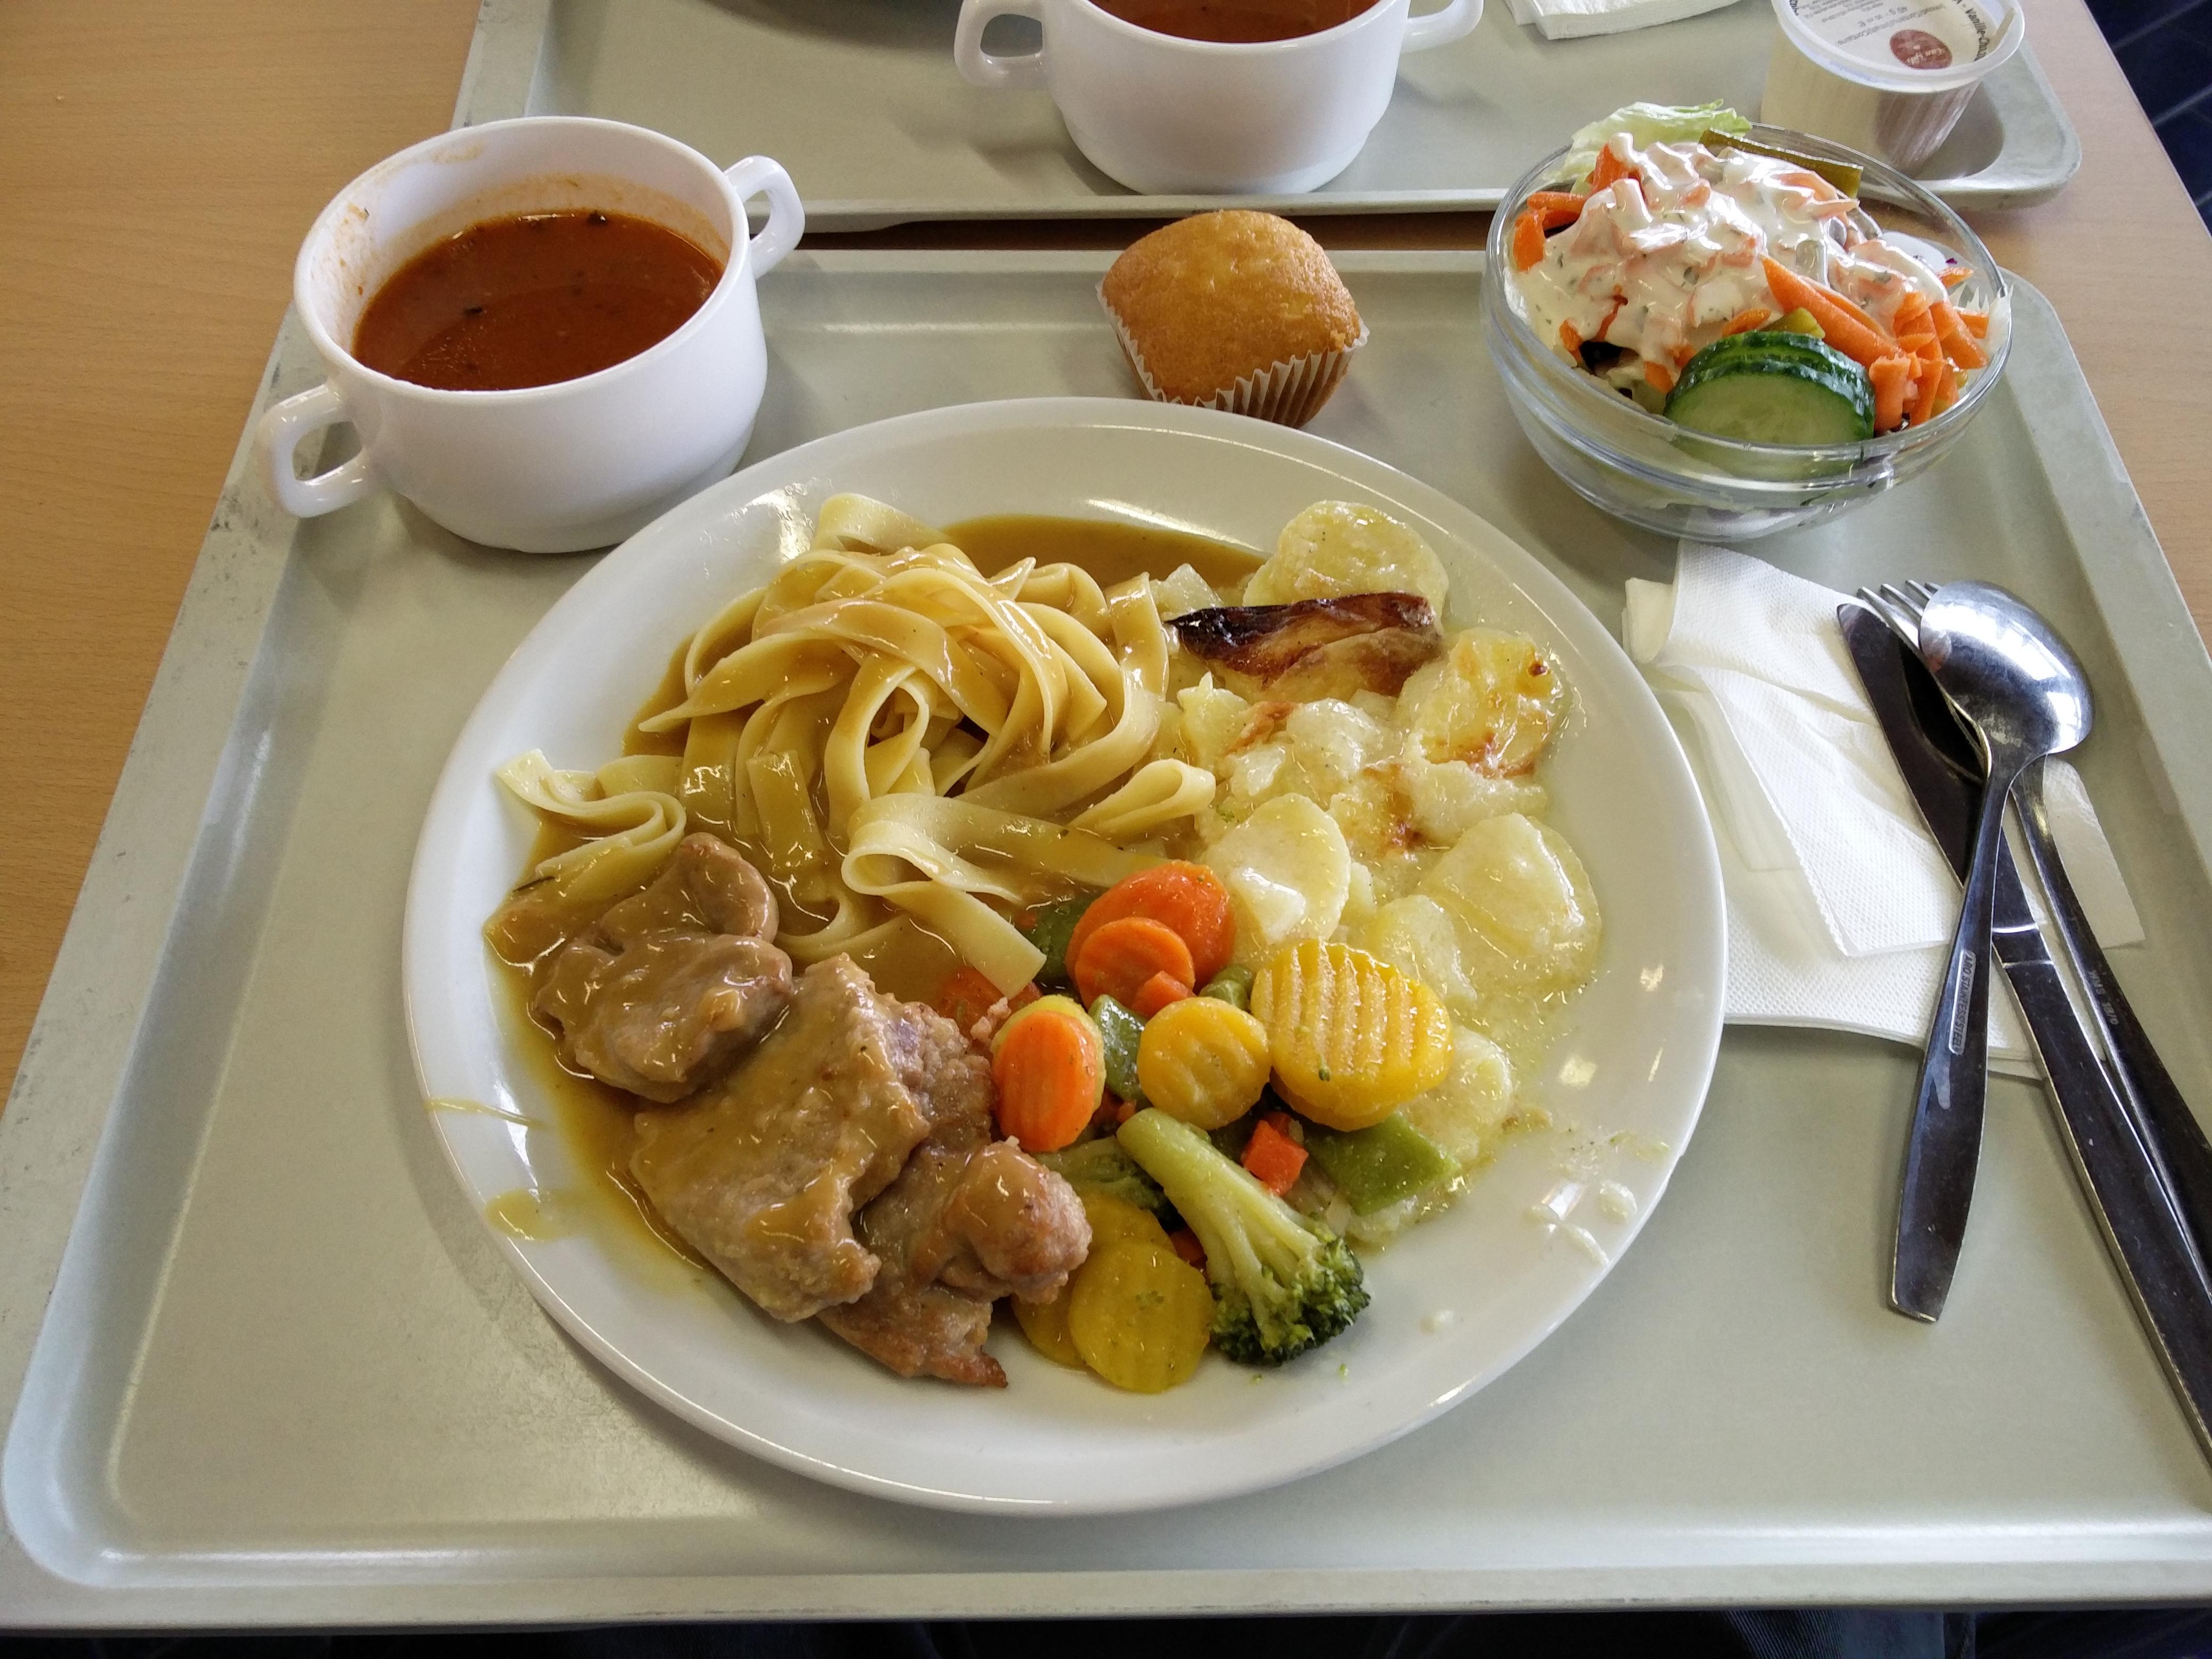 https://foodloader.net/nico_2016-03-03_schweinelendchen-kartoffelgratin-nudeln-gemuese-suppe-salat-nachtisch.jpg